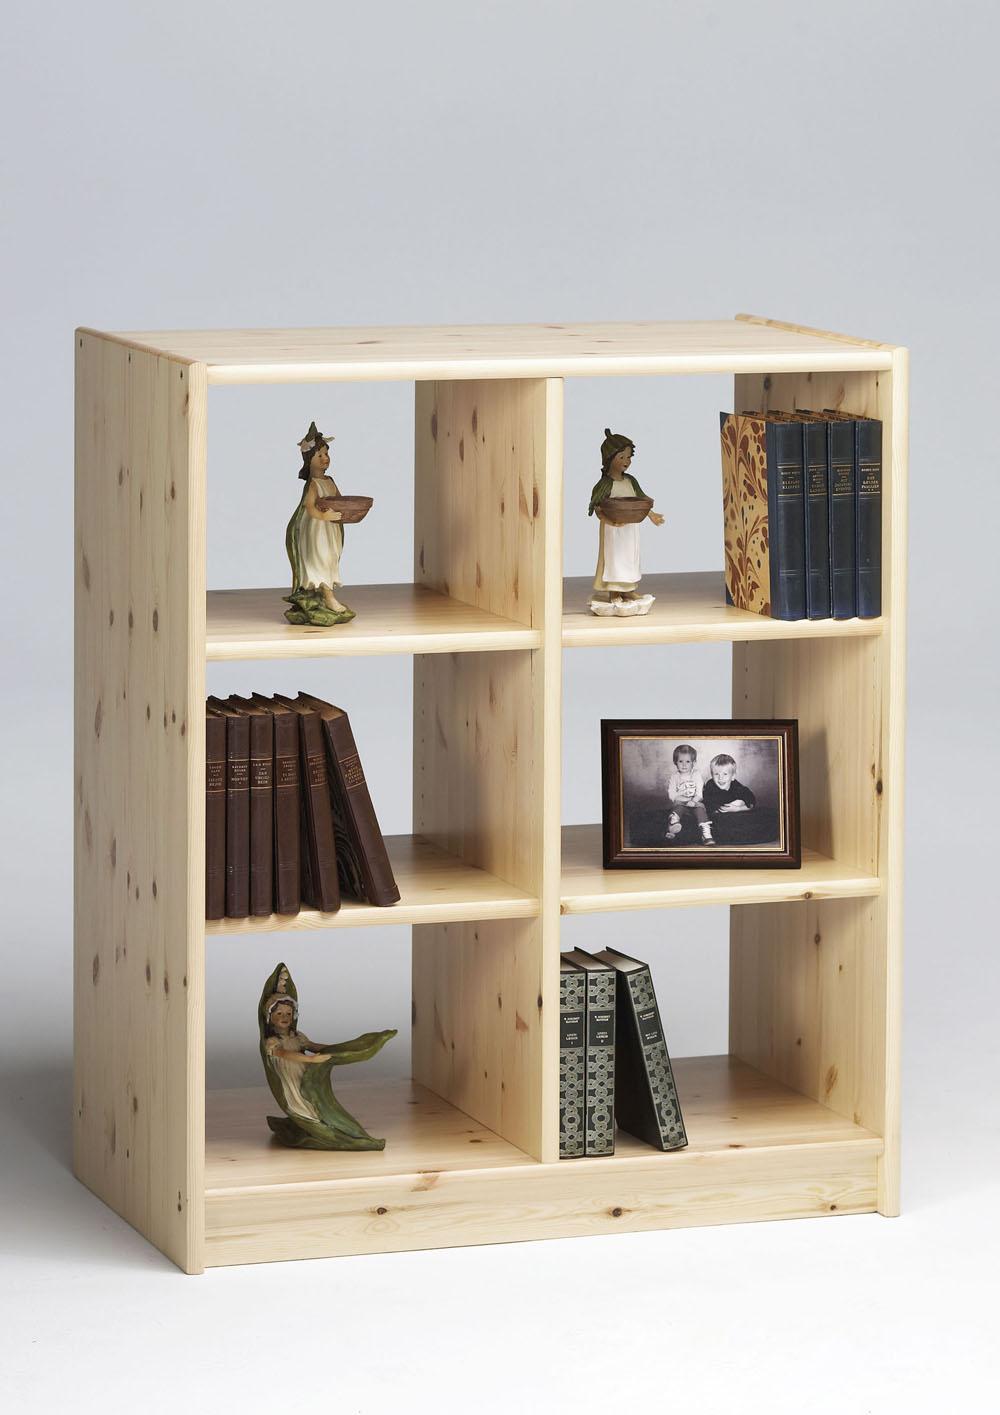 regale und raumteiler seite 3. Black Bedroom Furniture Sets. Home Design Ideas